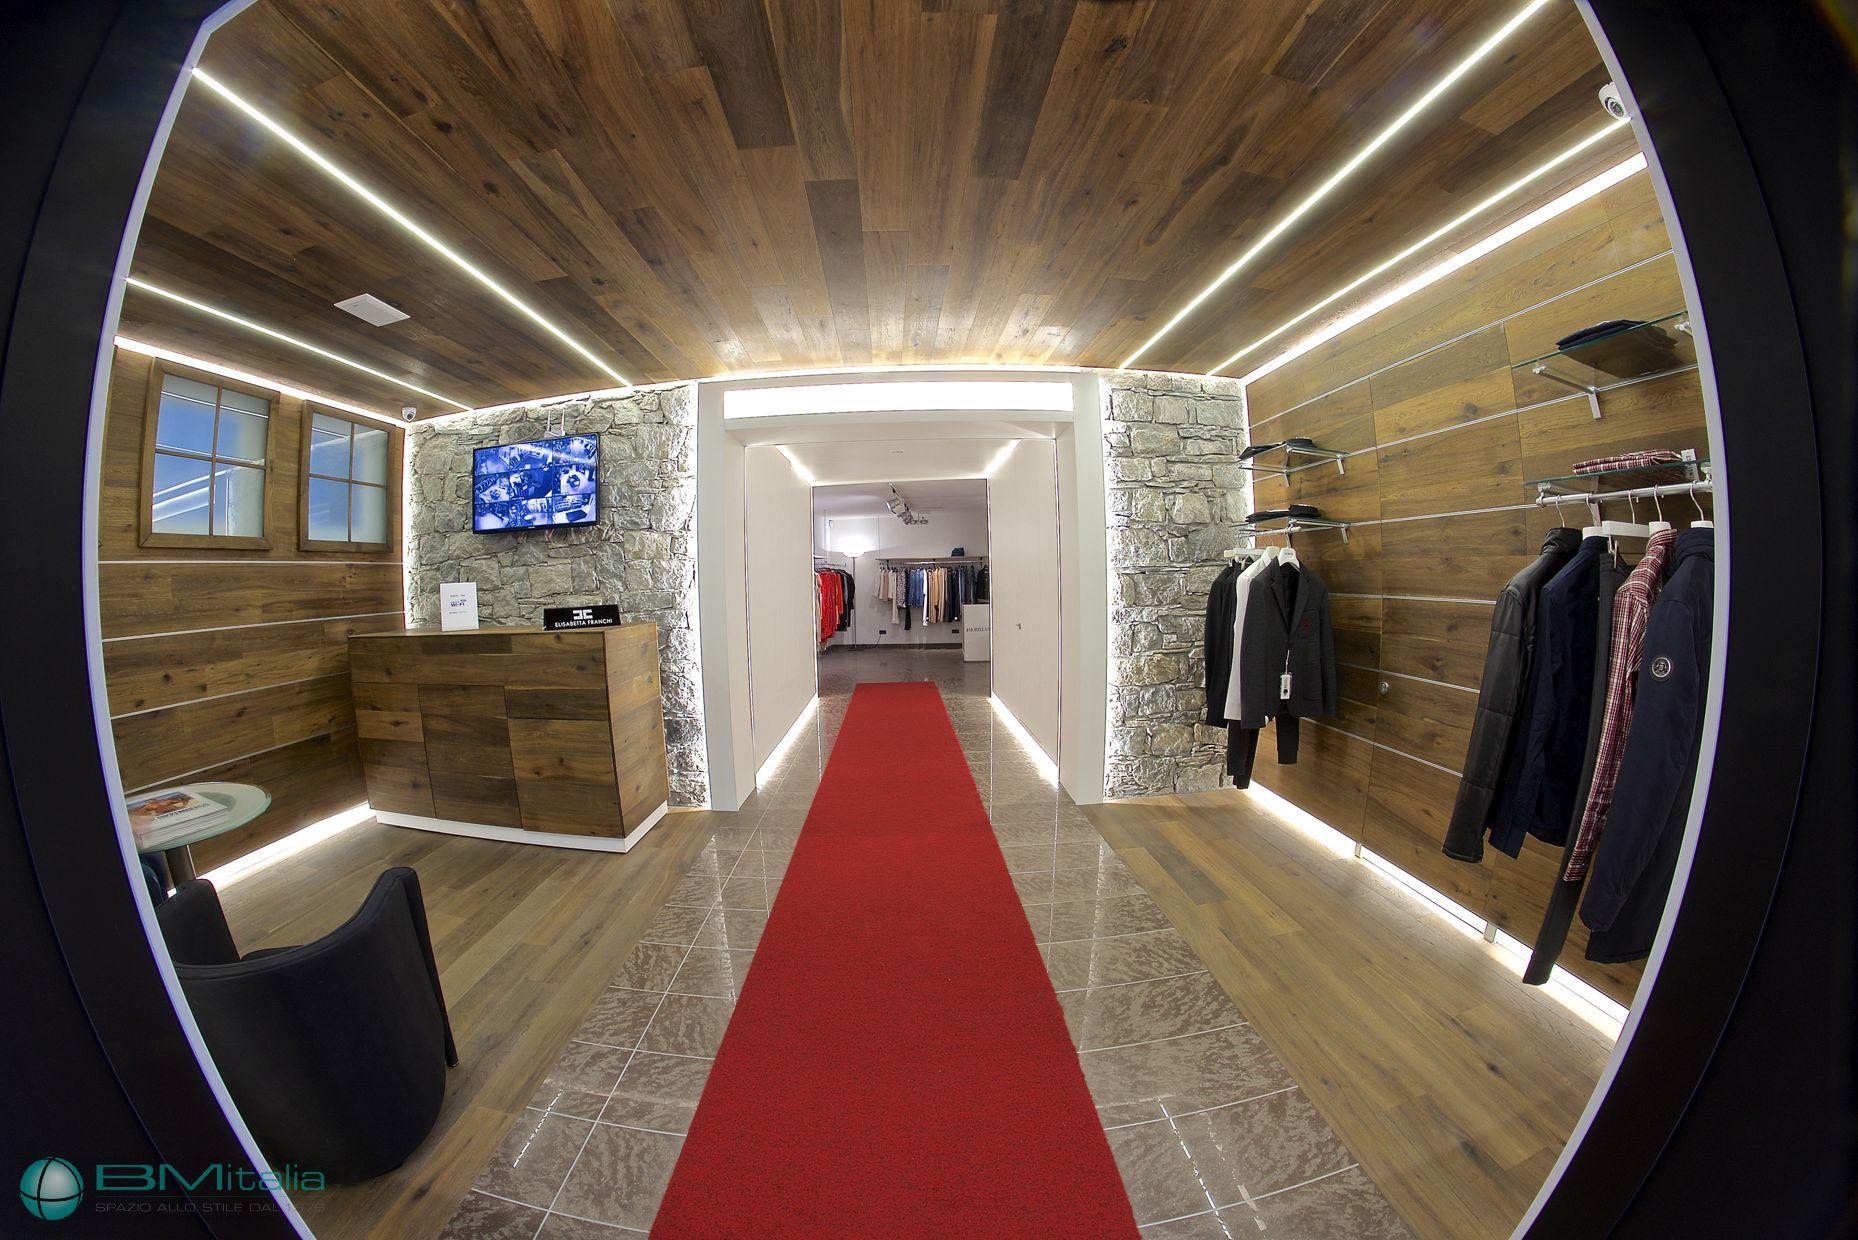 Progettazione arredamenti per negozi di abbigliamento for Arredamenti livigno